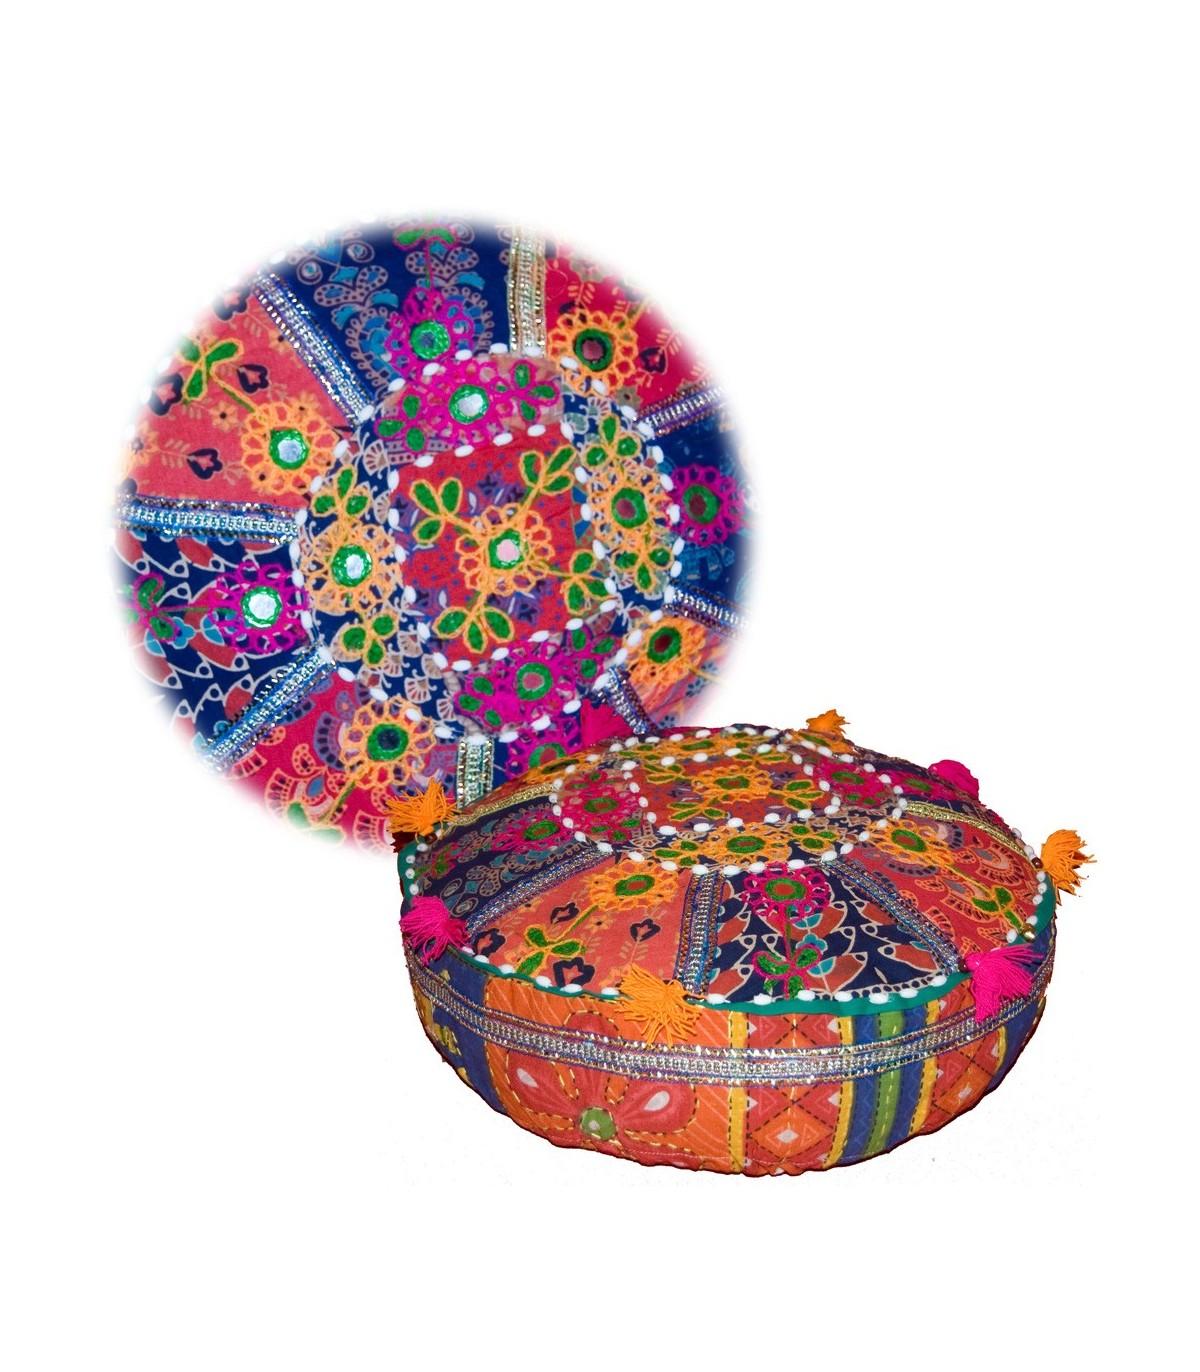 Yoga redondo include cuscino arredamento indiano for Arredamento indiano